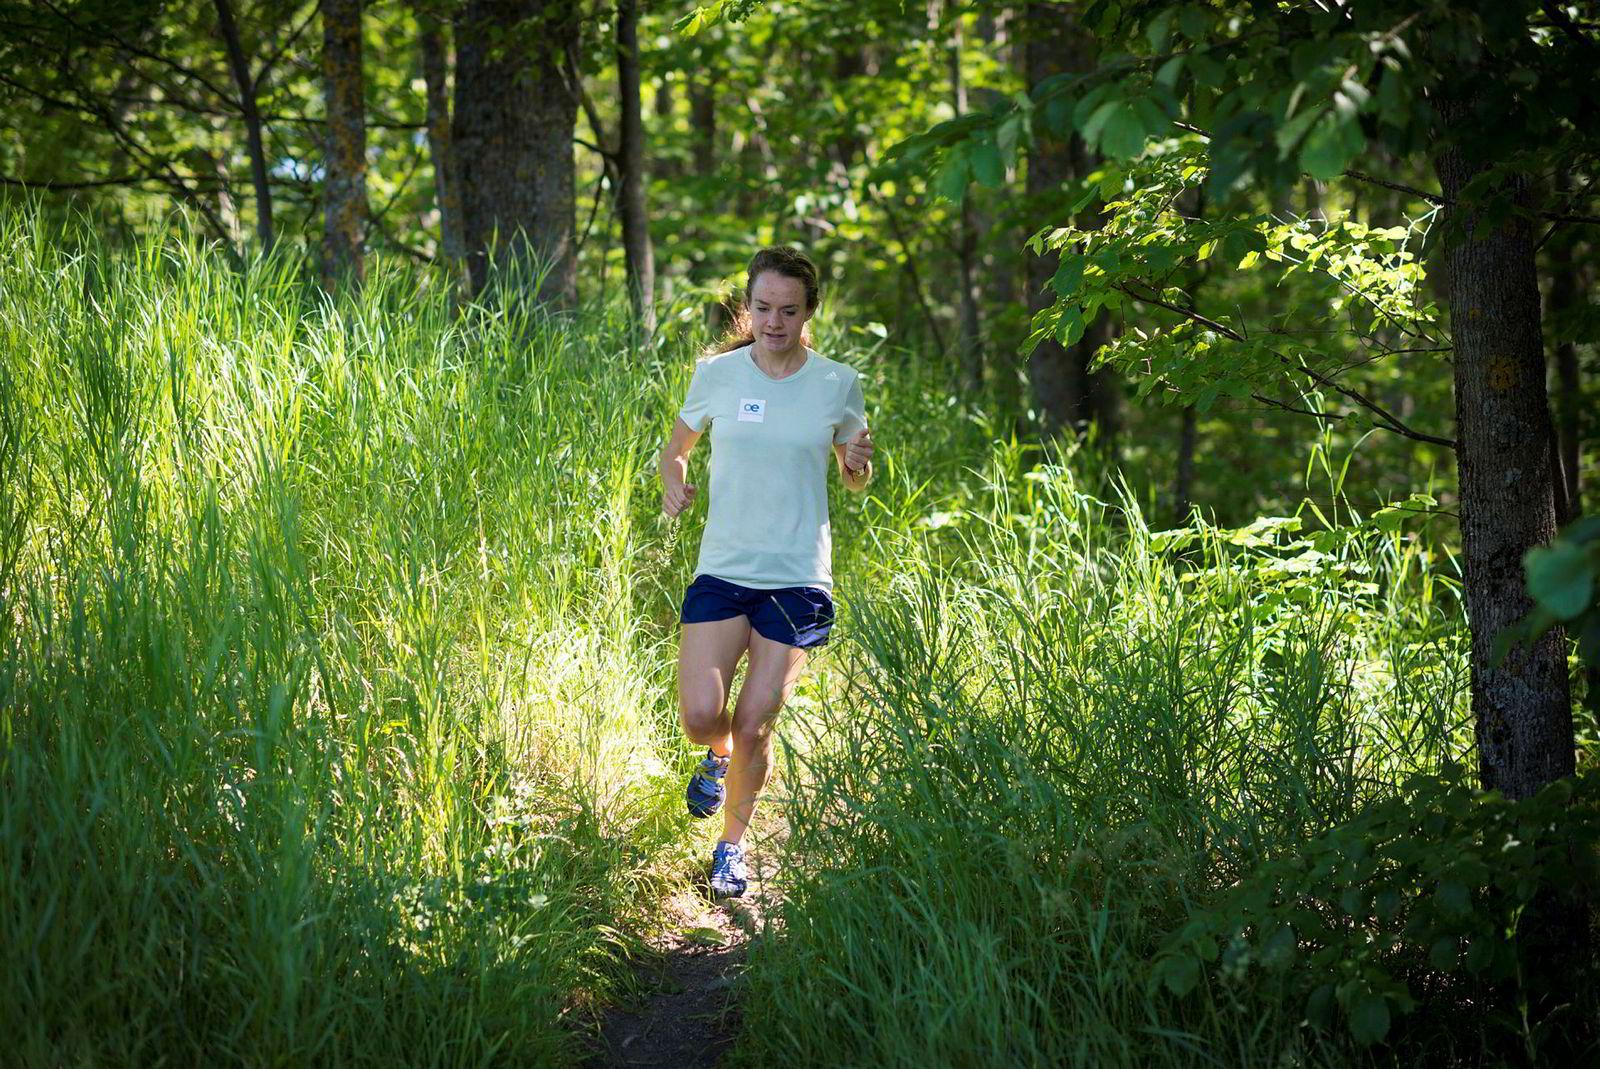 Presser seg. I et maraton er det den aerobe kapasiteten som gjelder. Men anaerob kapasitet kan utgjøre en forskjell når det står om gull, sølv, bronse eller en god plassering.